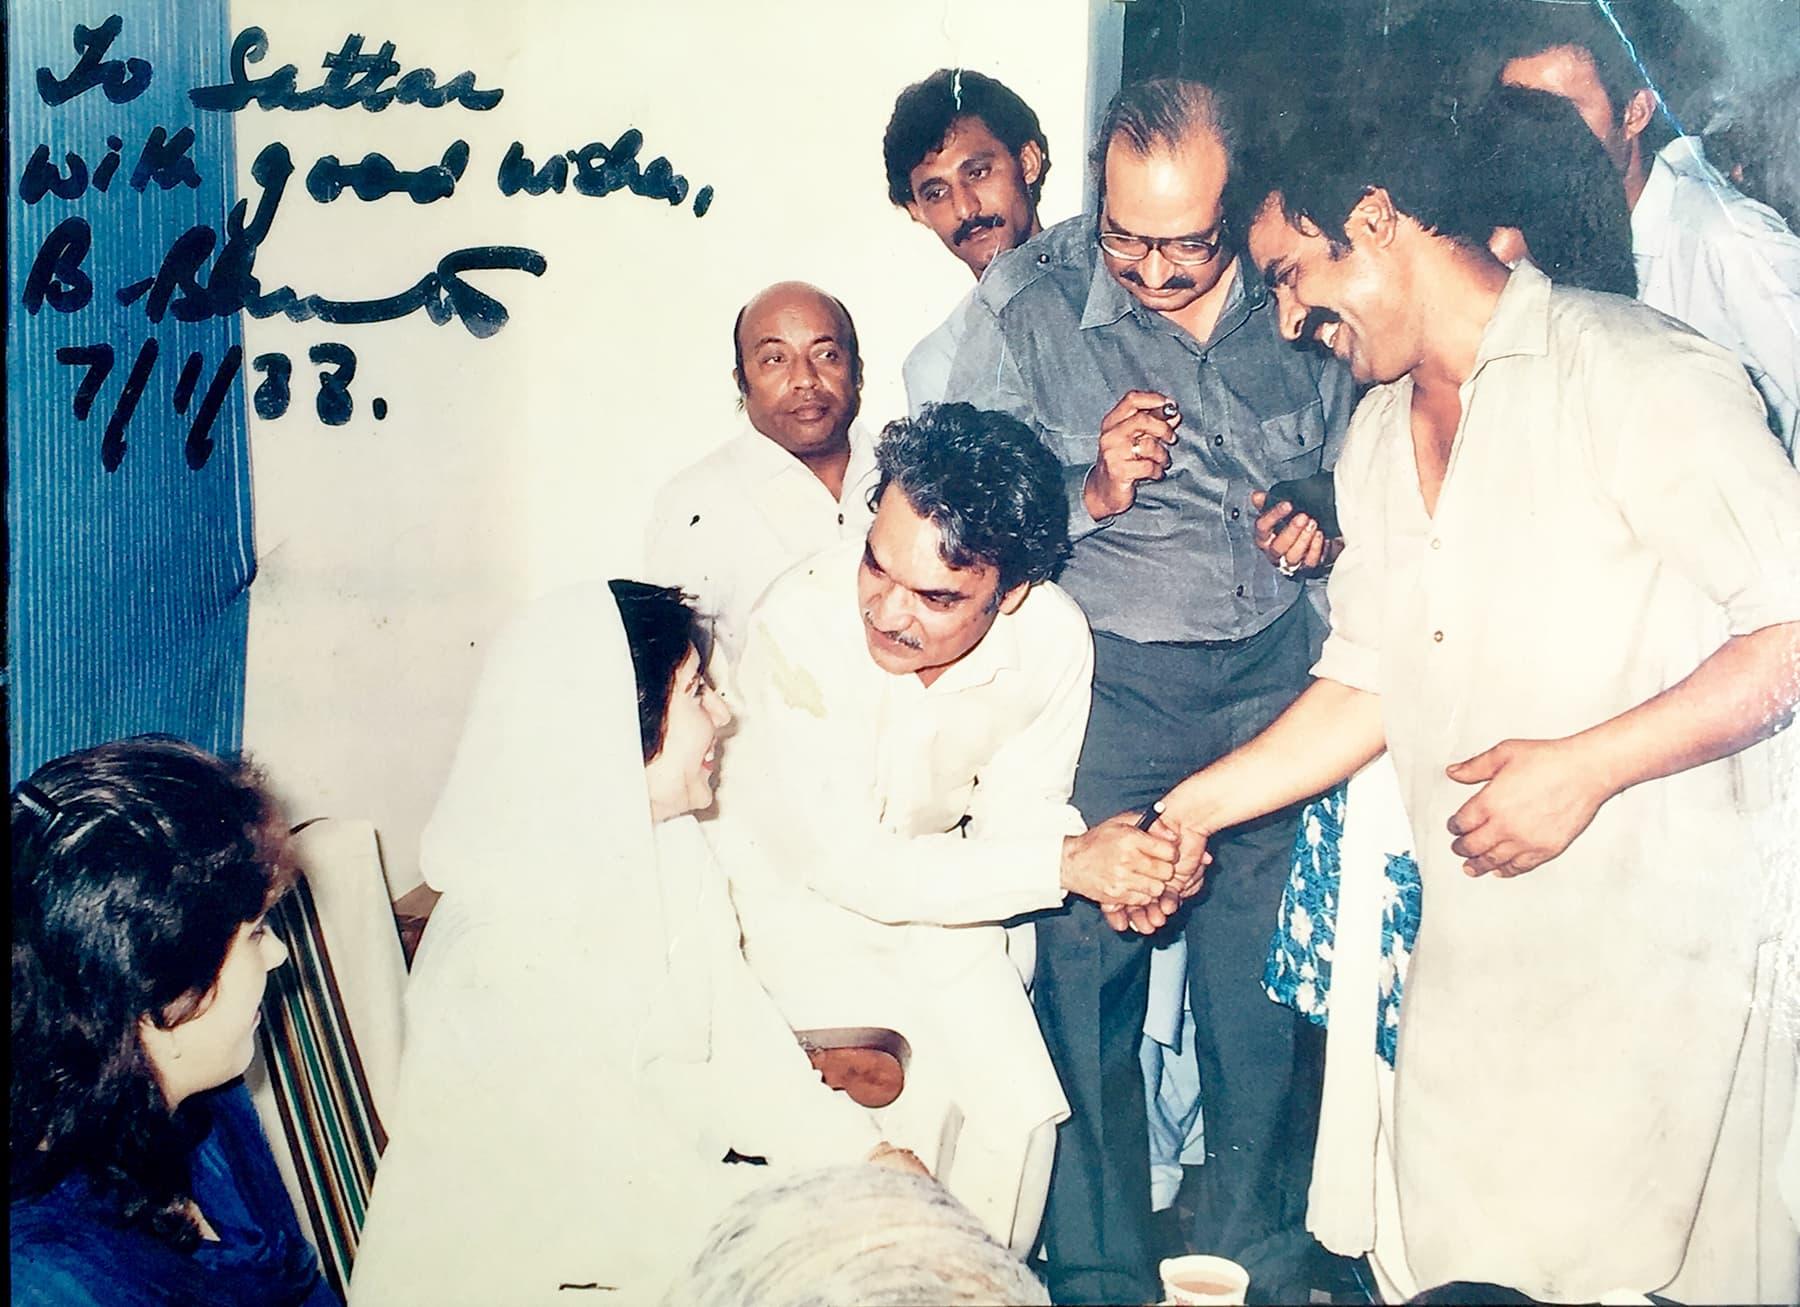 ستار کی بینظیر بھٹو کے ساتھ تصویر، جب وہ 1988ء میں کراچی پریس کلب آئی تھیں۔ تصویر پر بینظیر کے دستخط بھی موجود ہیں۔